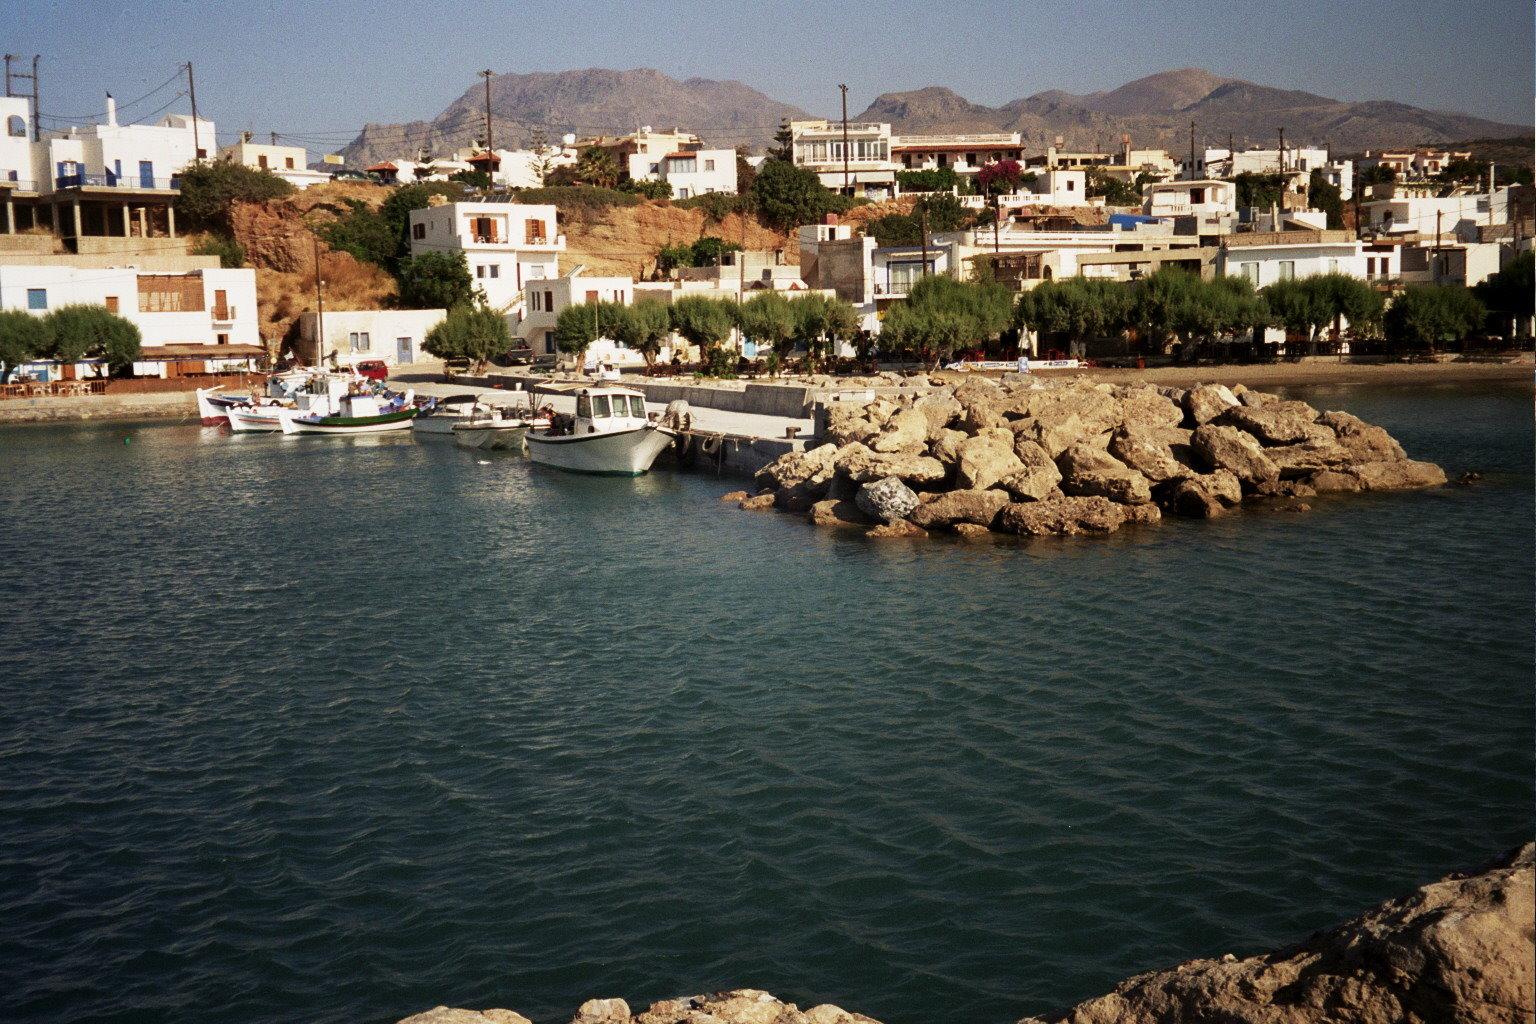 Makrigialos Greece  city images : Makrigialos, Sitia Crete Greece